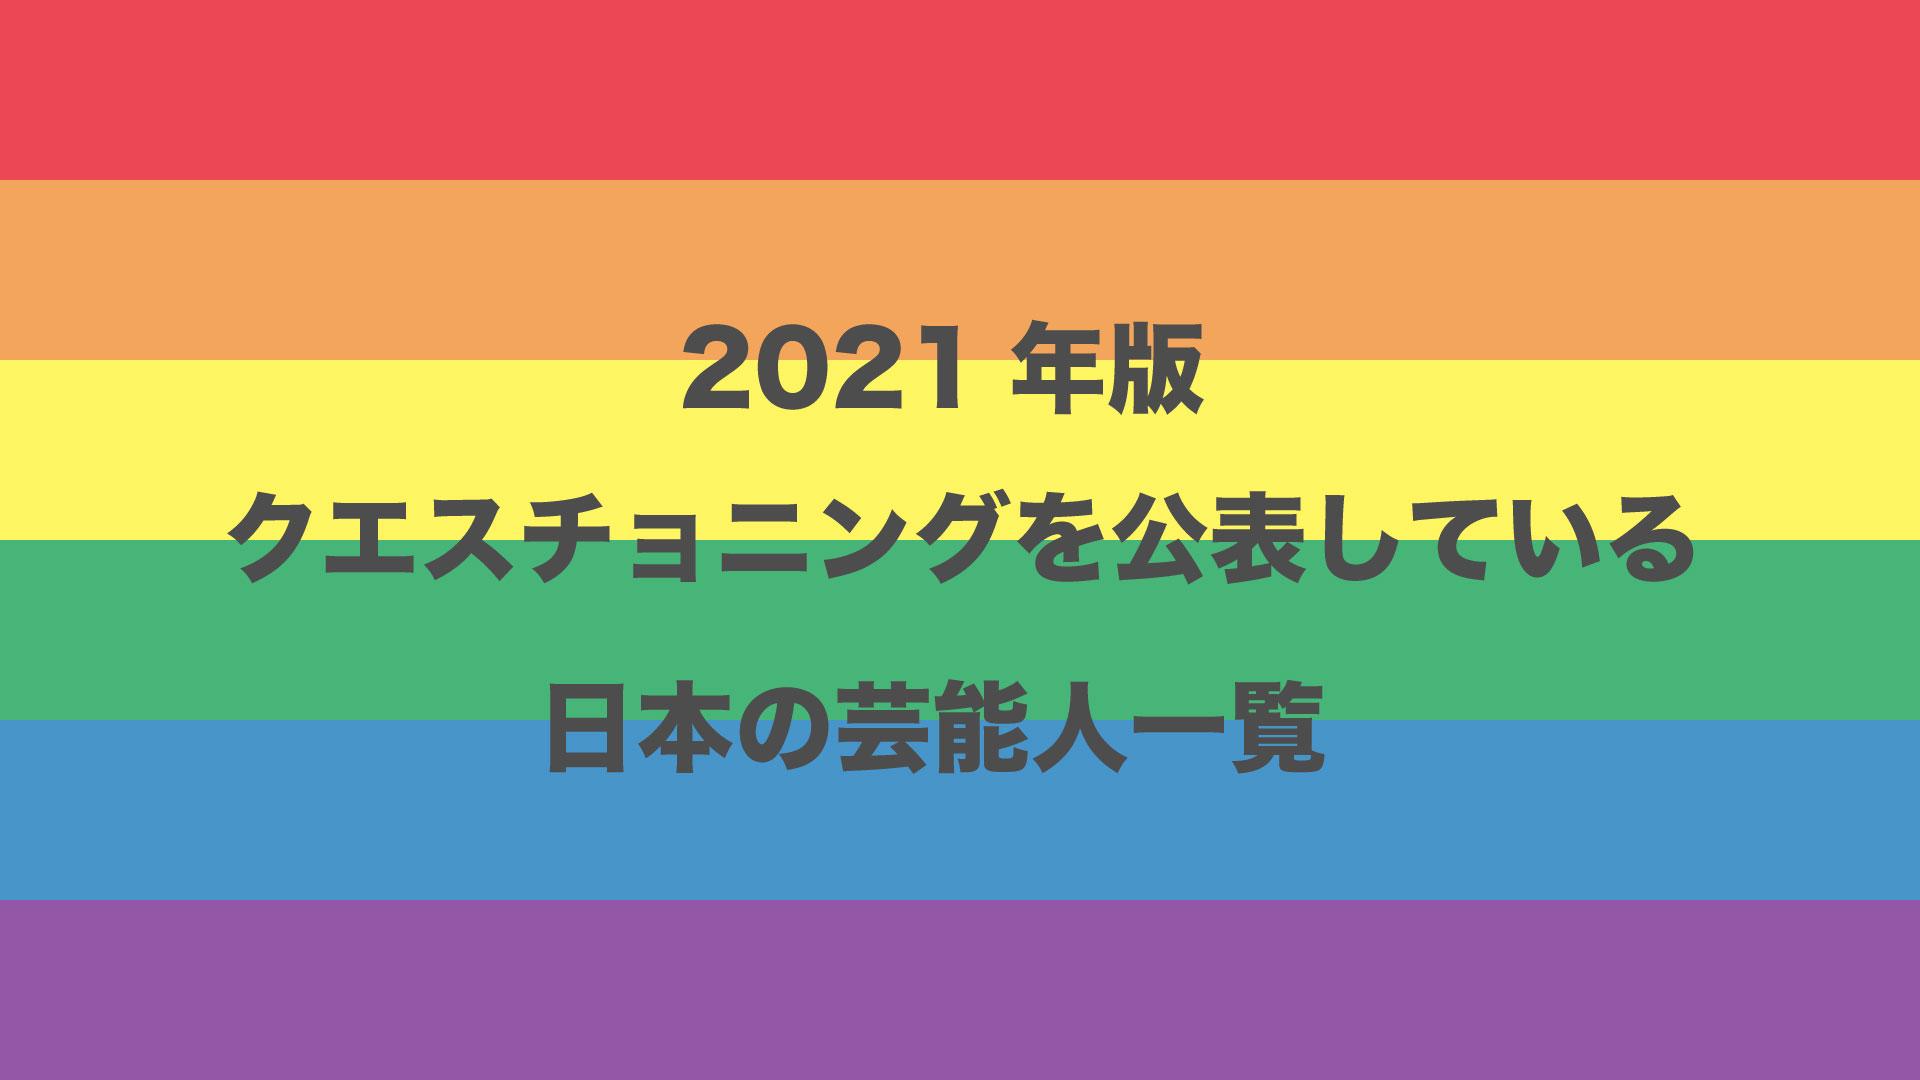 クエスチョニングを公表されている日本の芸能人・有名人一覧